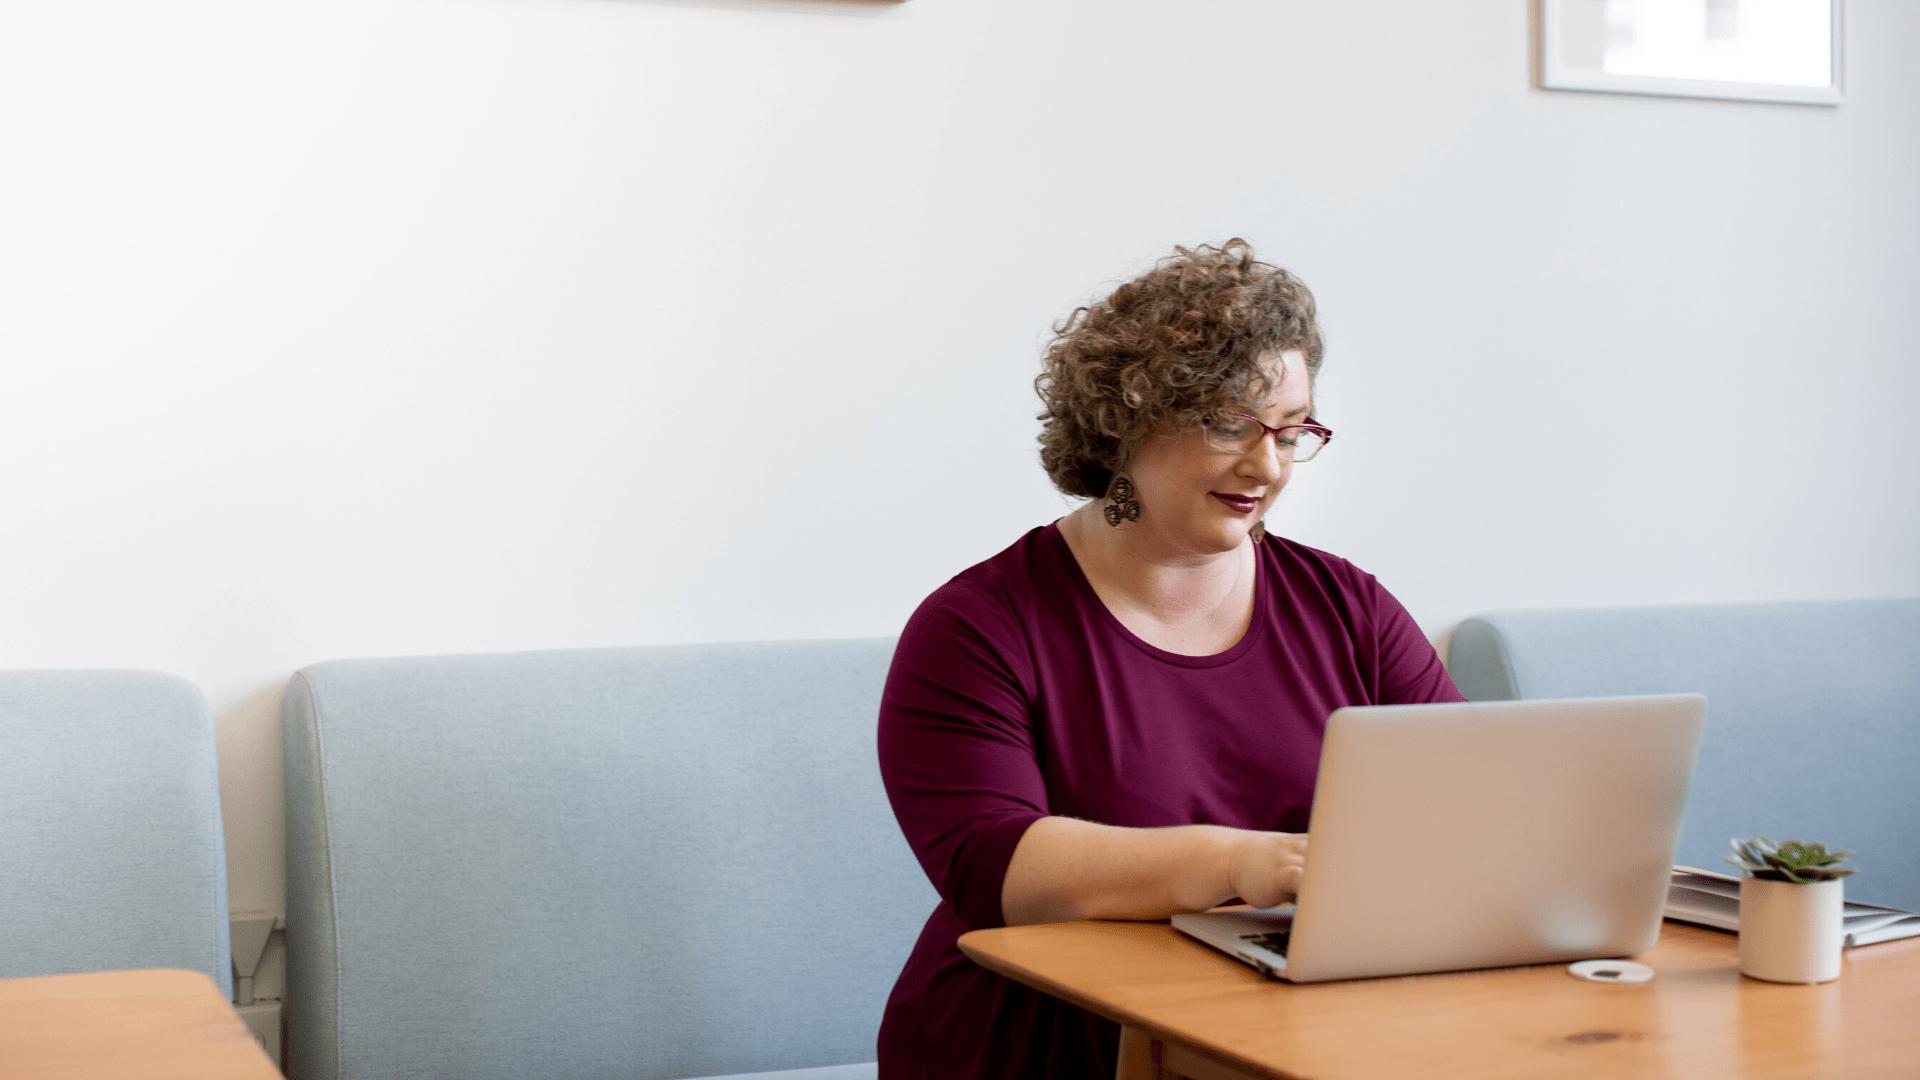 Une femme assise devant un ordinateur.